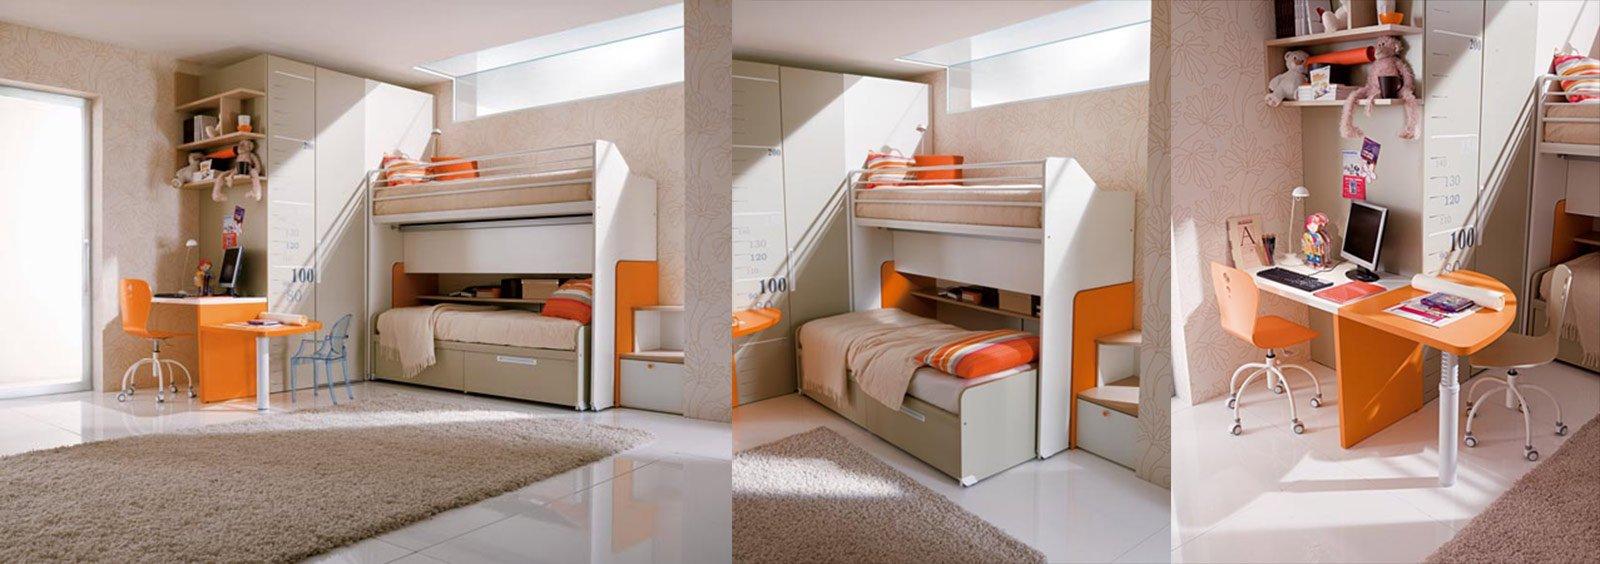 Camerette salvaspazio cose di casa for 3 camere da letto 2 bagni piani ranch